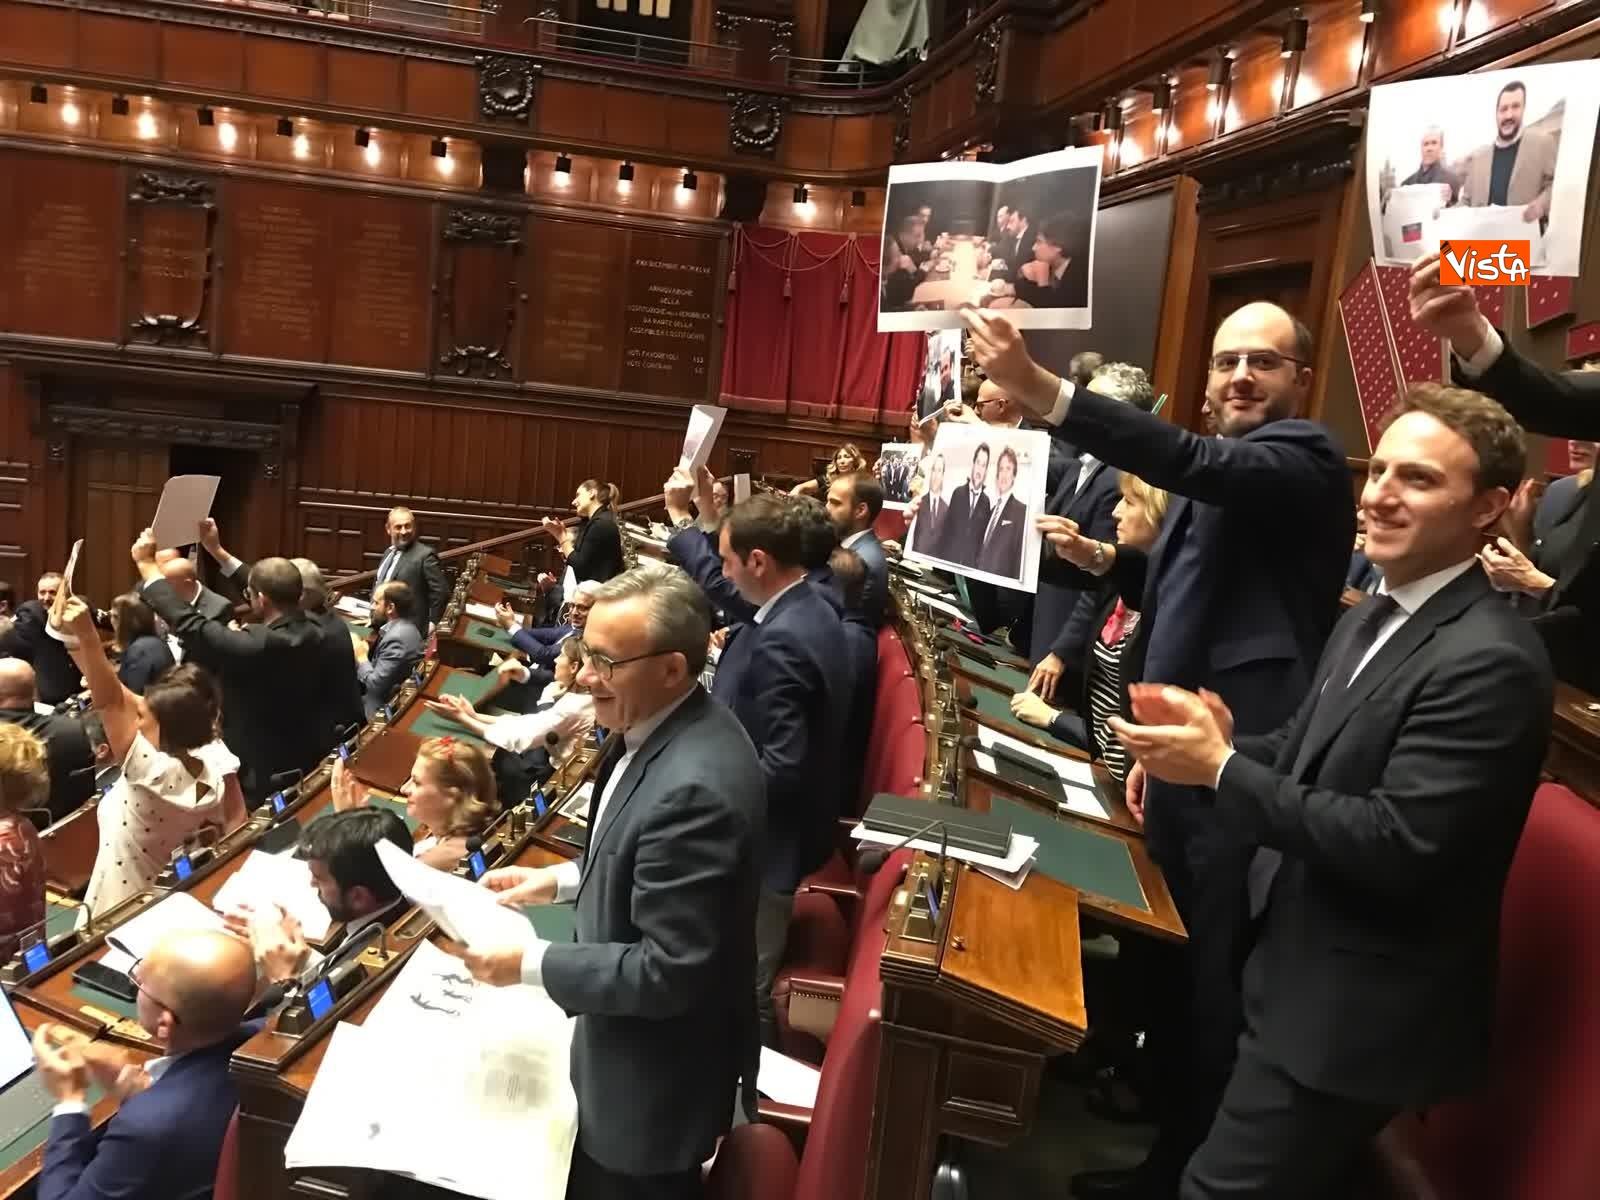 16-07-19 Caso Russia, protesta del PD in Aula, i deputati alzano foto di Salvini e Savoini insieme_08